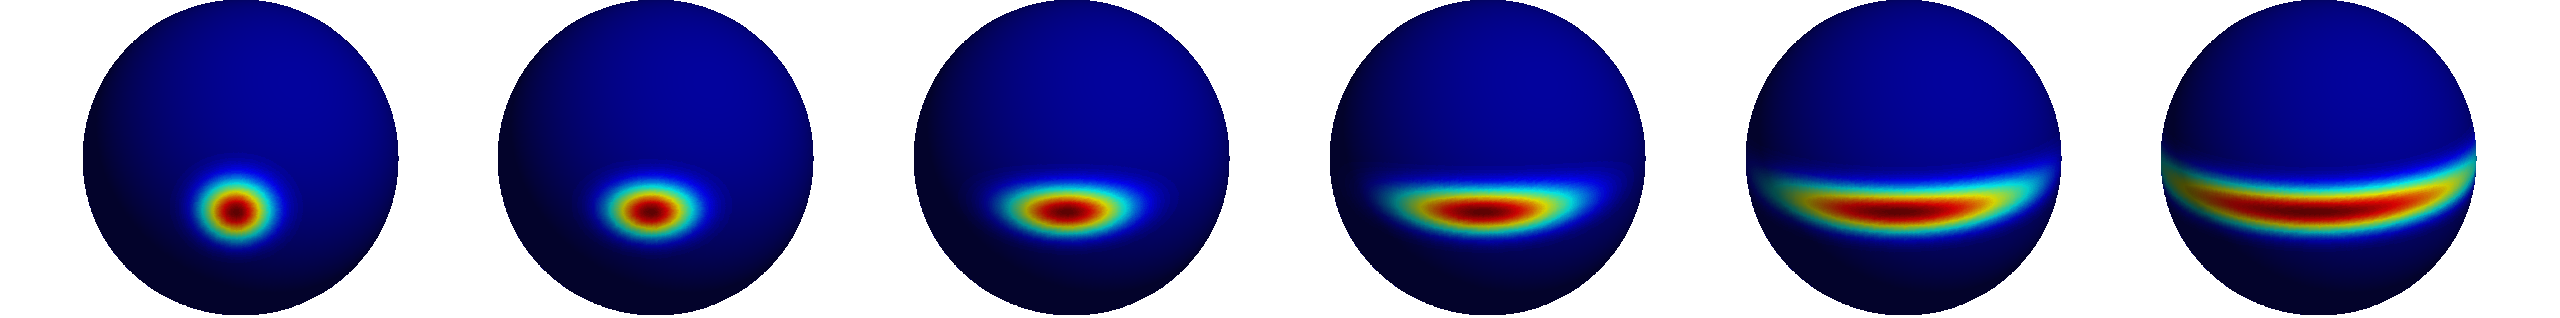 Physics Robert Schuetky Schütky Bose-Einstein-Condensate BEC Bloch Sphere